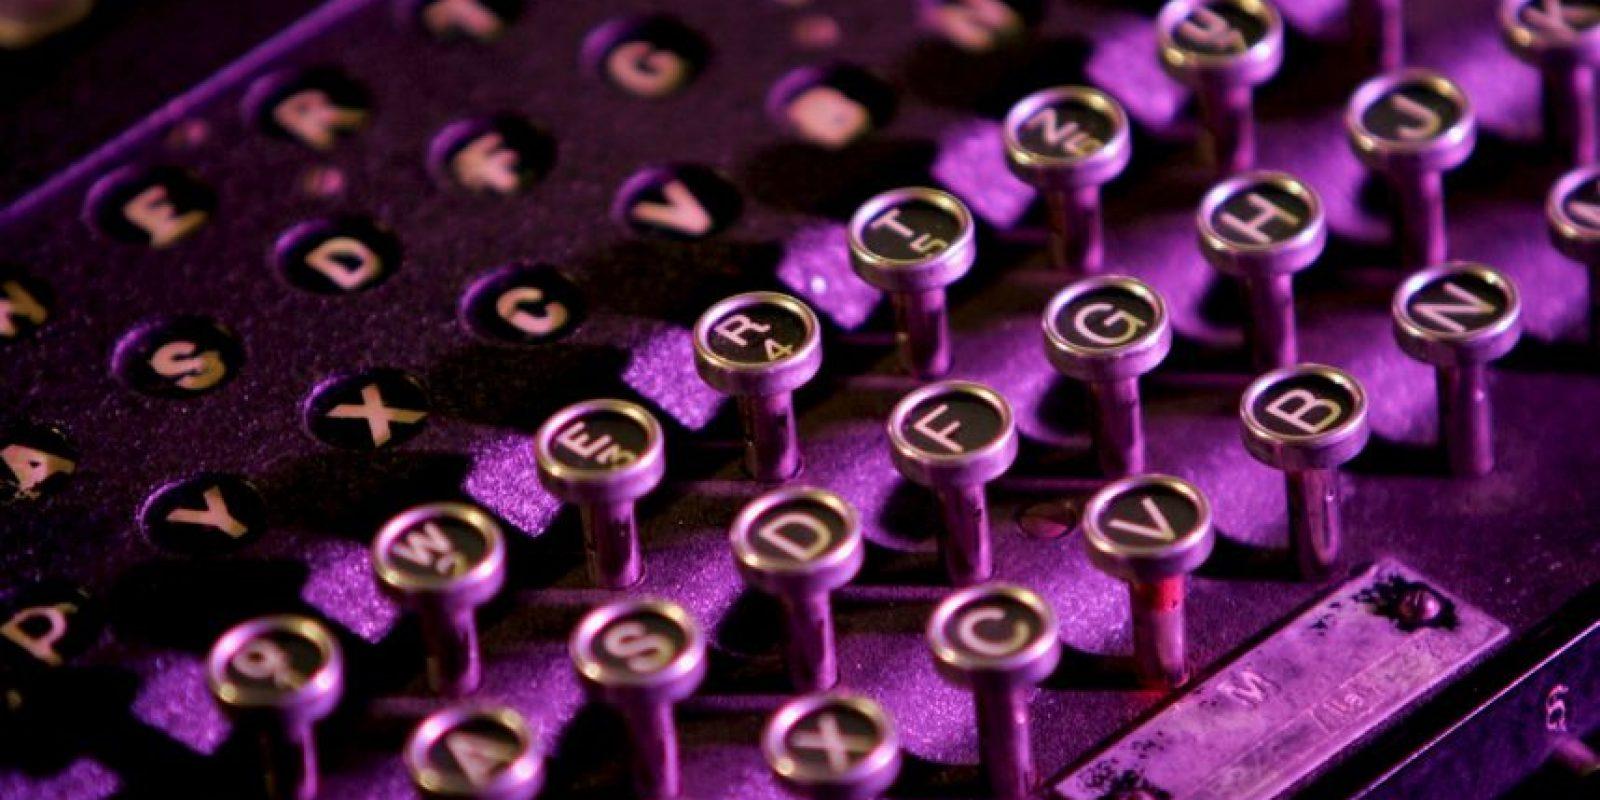 Es una máquina de escribir que dispone de un mecanismo de cifrado rotatorio usado para cifrar y descifrar mensajes. Fue usada por las fuerzas militares de Alemania a partir de 1930 y por el bando sublevado en la Guerra Civil española. Foto:Getty Images